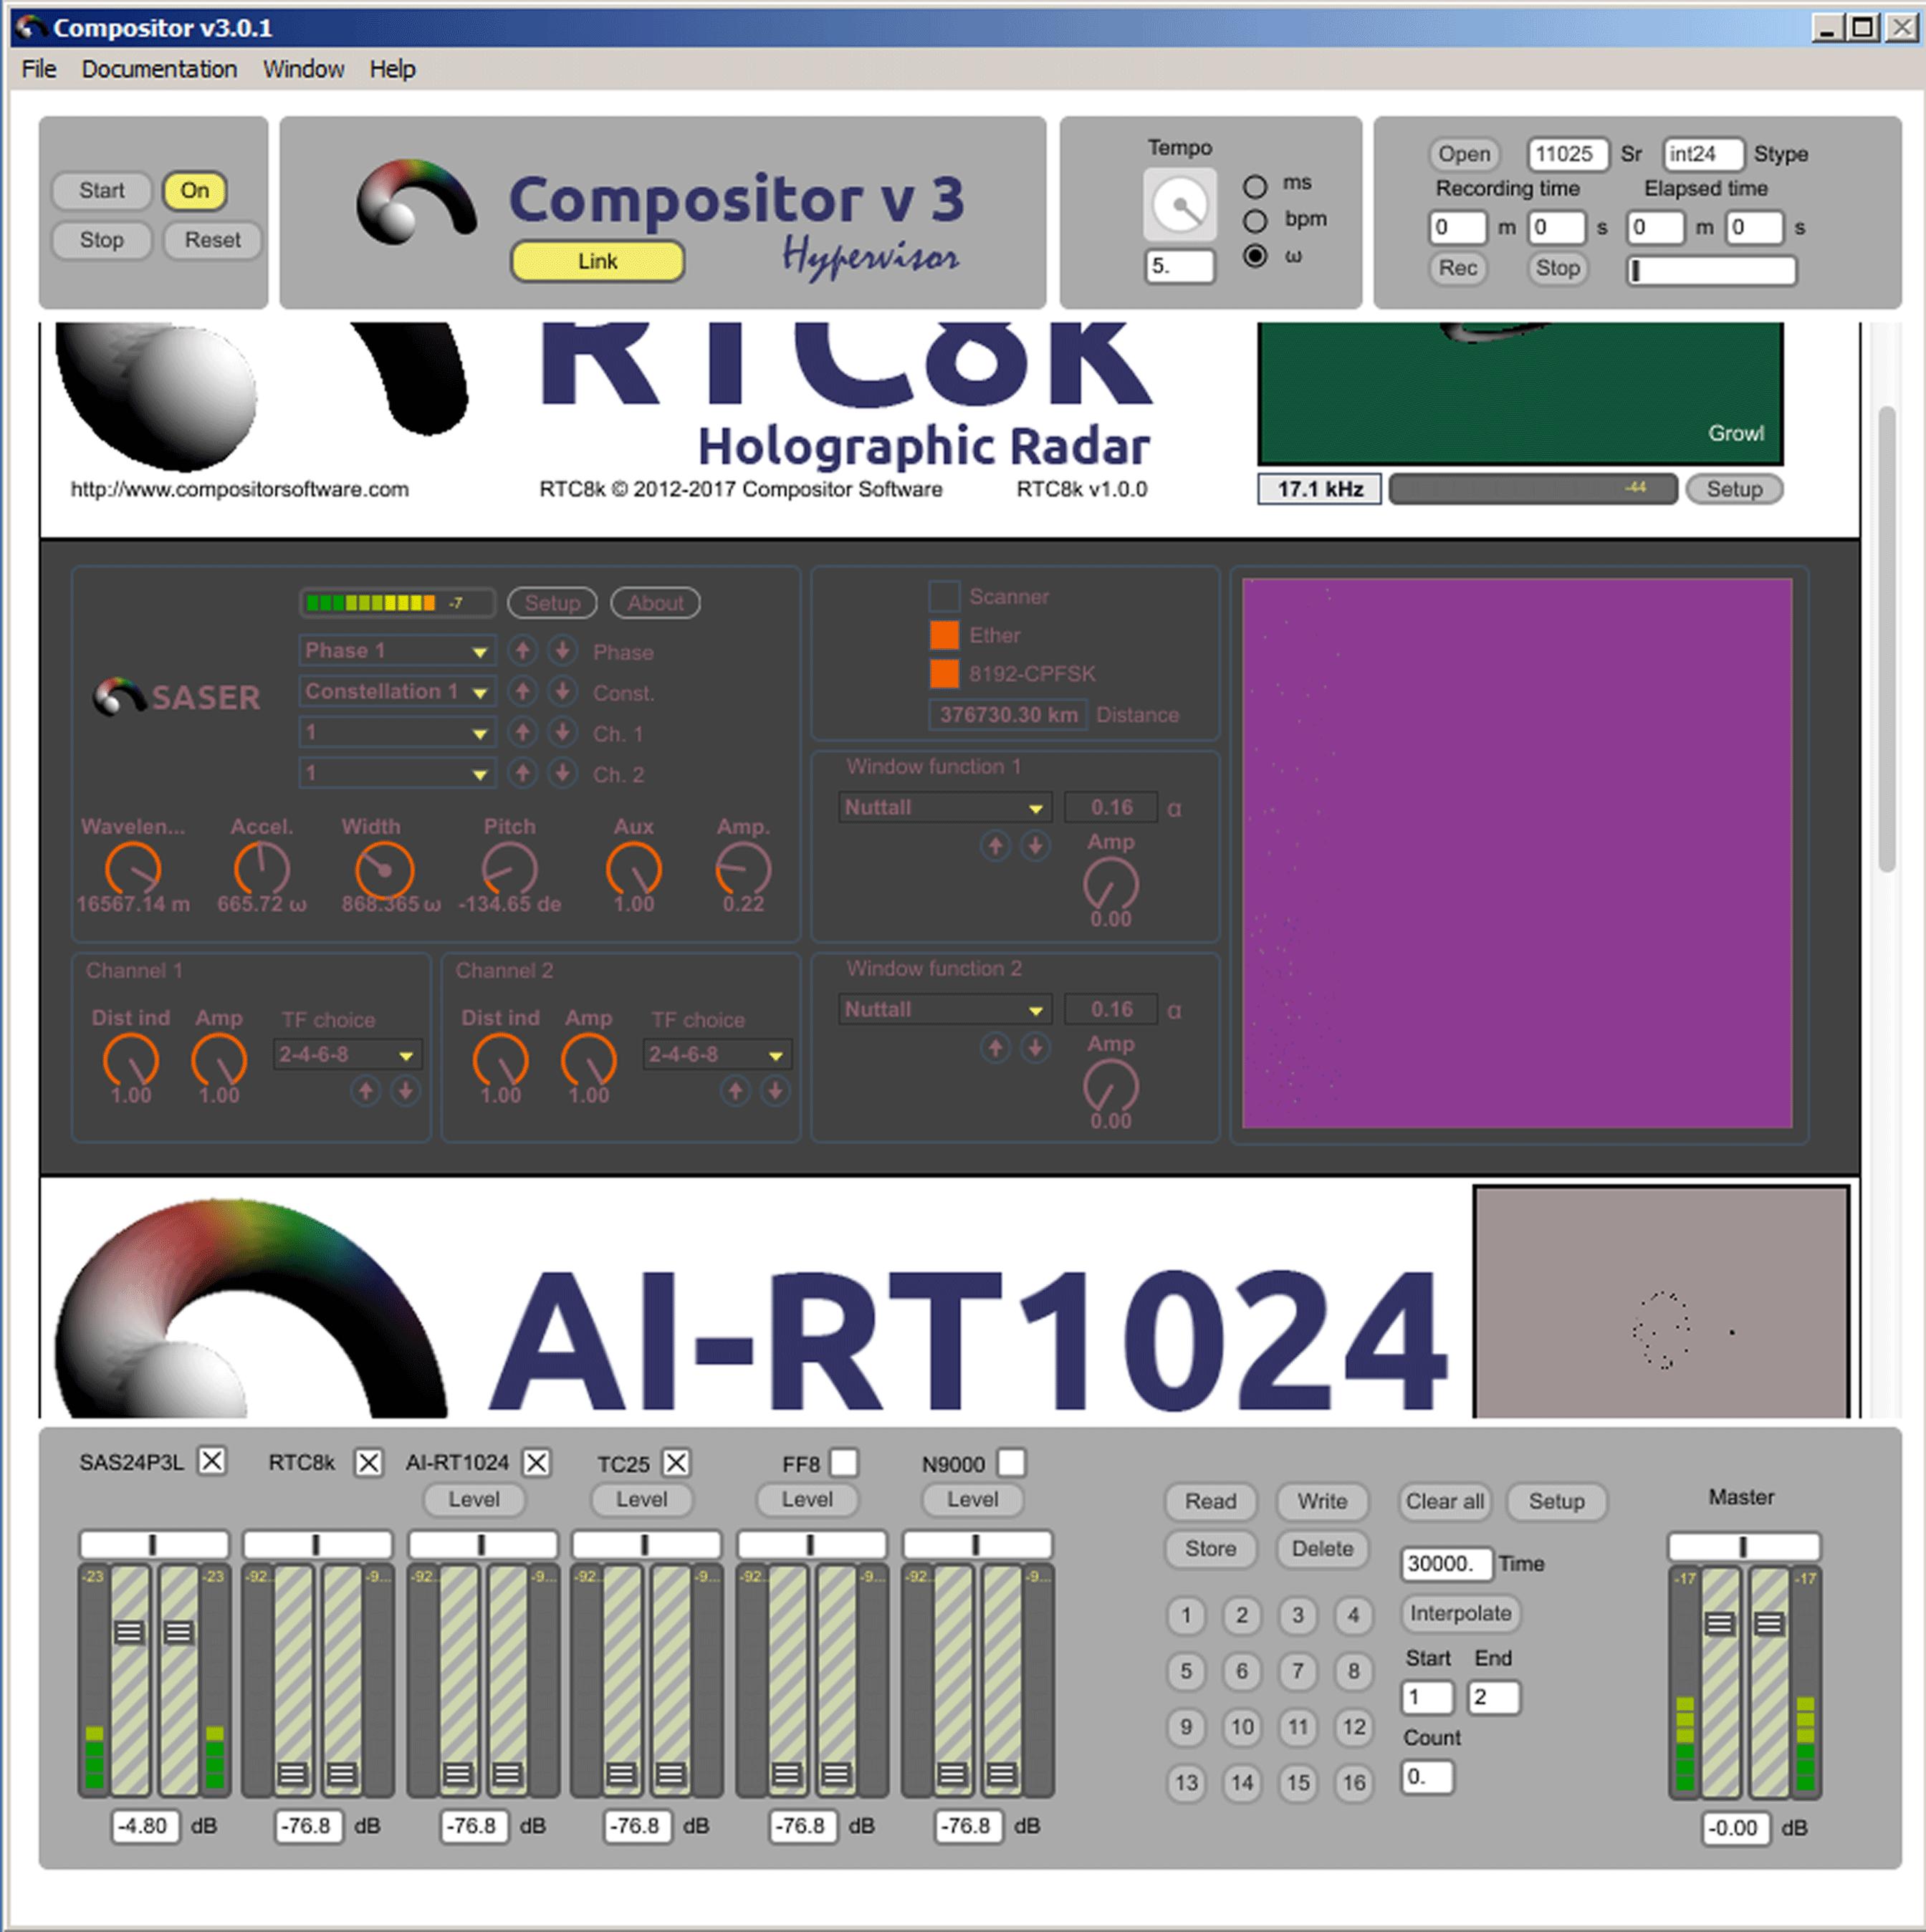 Compositor v3 Hi-Res